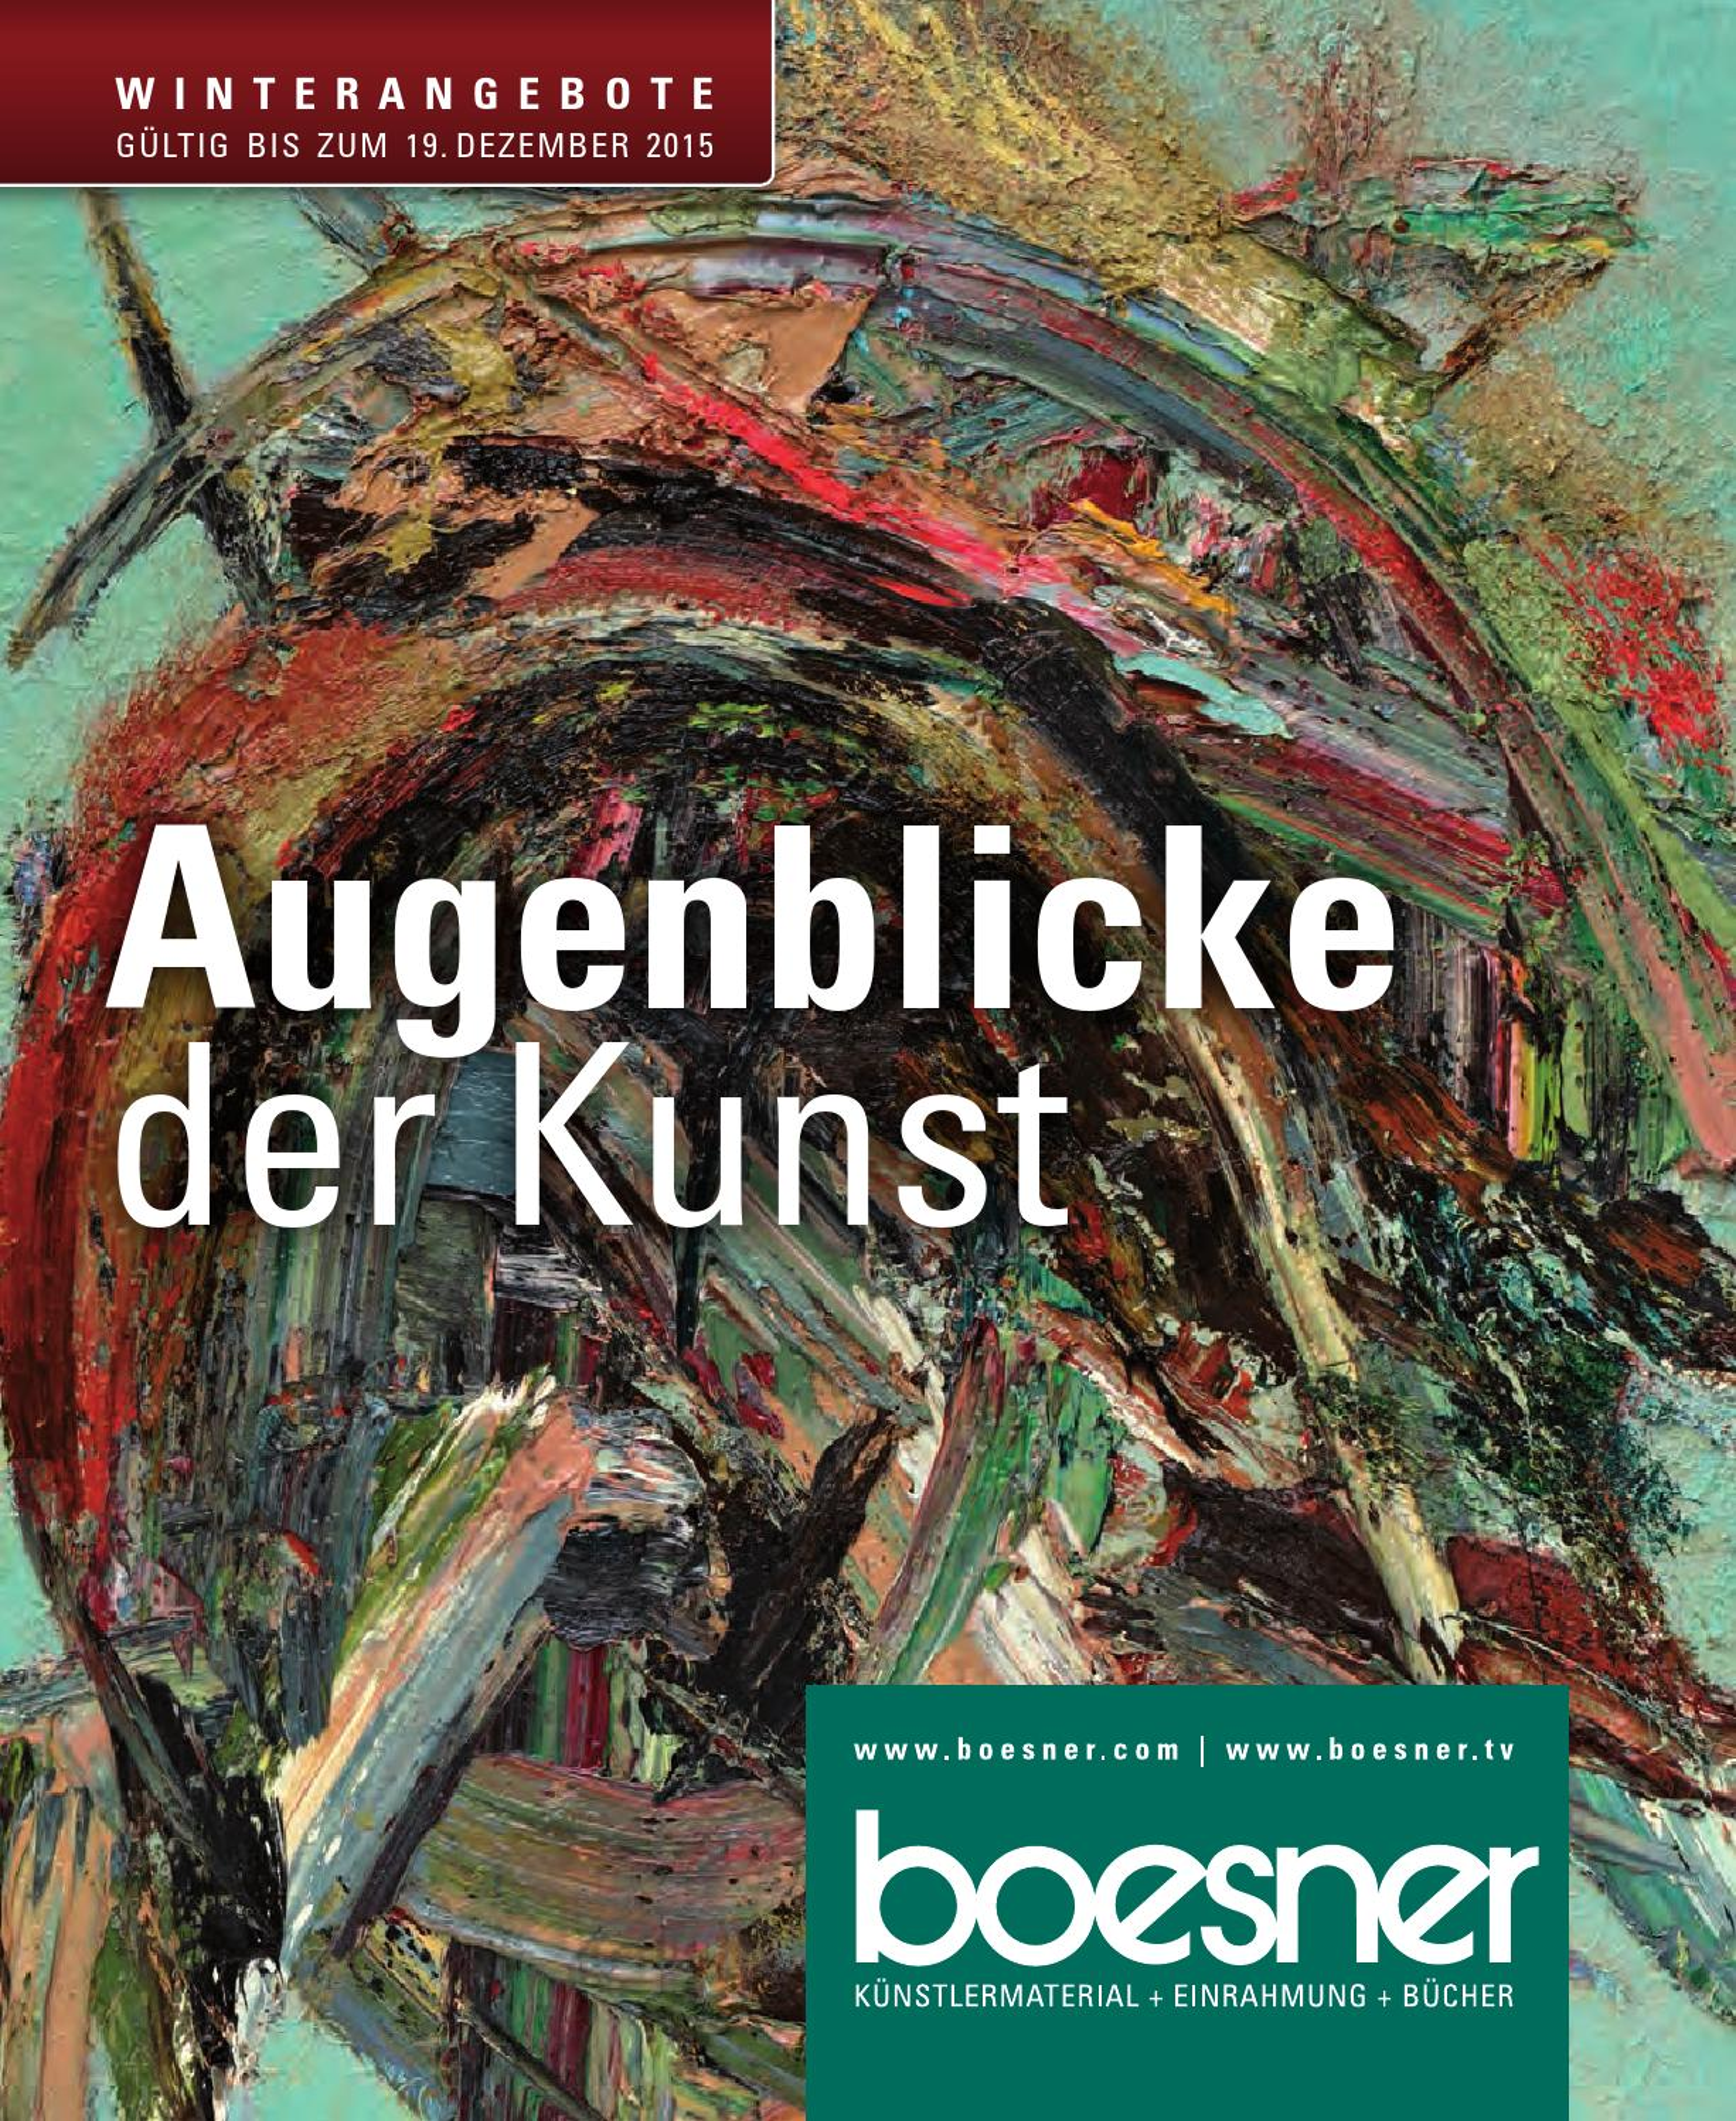 boesner Wintermailing 2015 by boesner - issuu